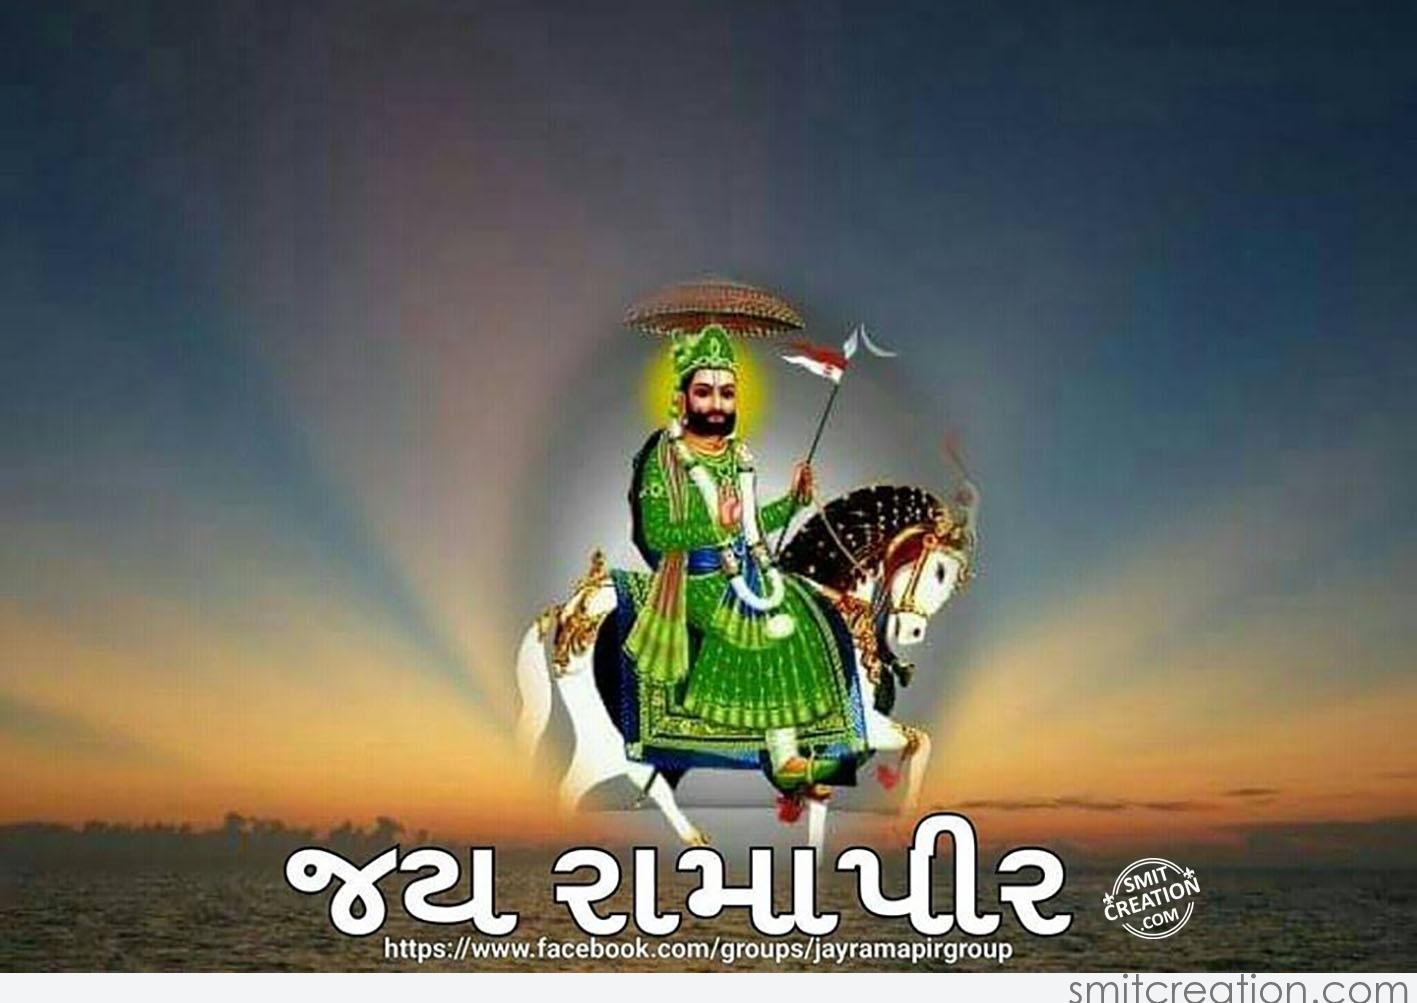 Download Bible Quotes Wallpaper Jai Ramapir Smitcreation Com